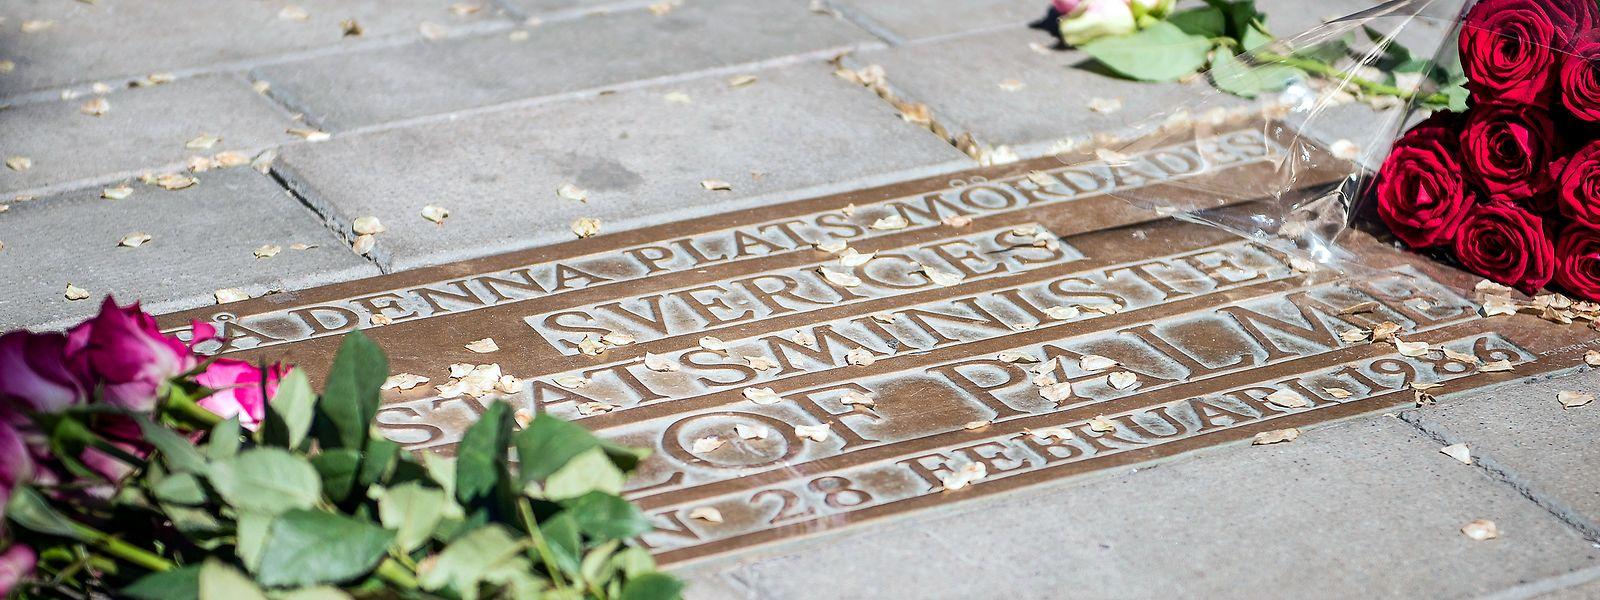 Blumen neben dem Gedenkstein des ehemaligen schwedischen Premiers Olof Palme, der am 28. Februar 1986 an dieser Stelle in Stochholm ermordet wurde.